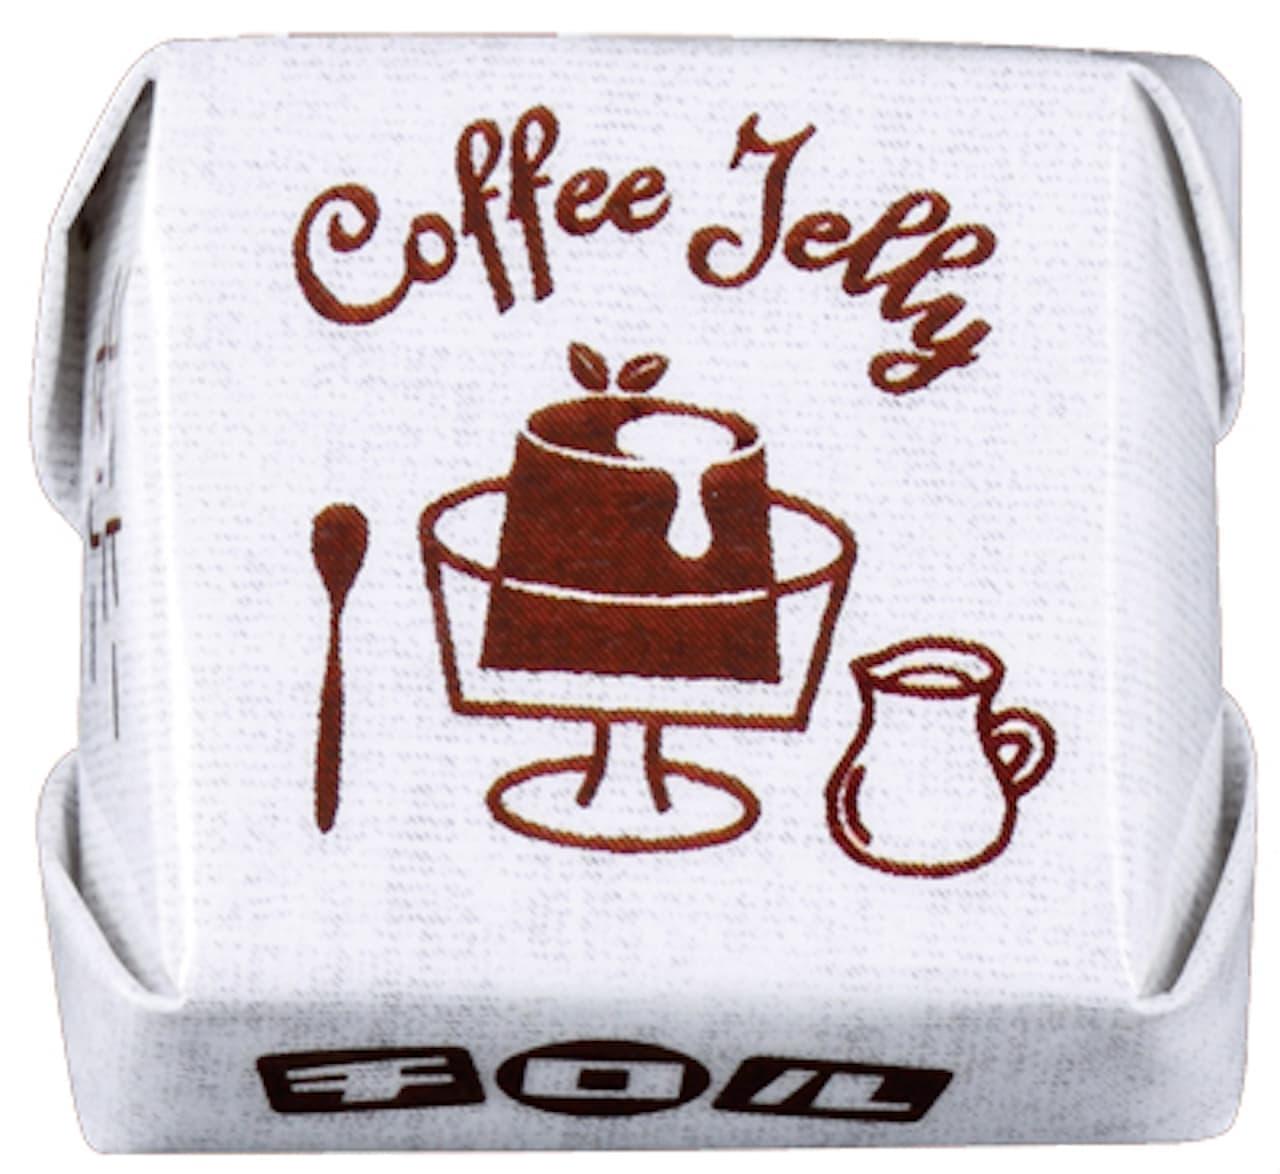 チロルチョコの新商品「コーヒーゼリー〈袋〉」